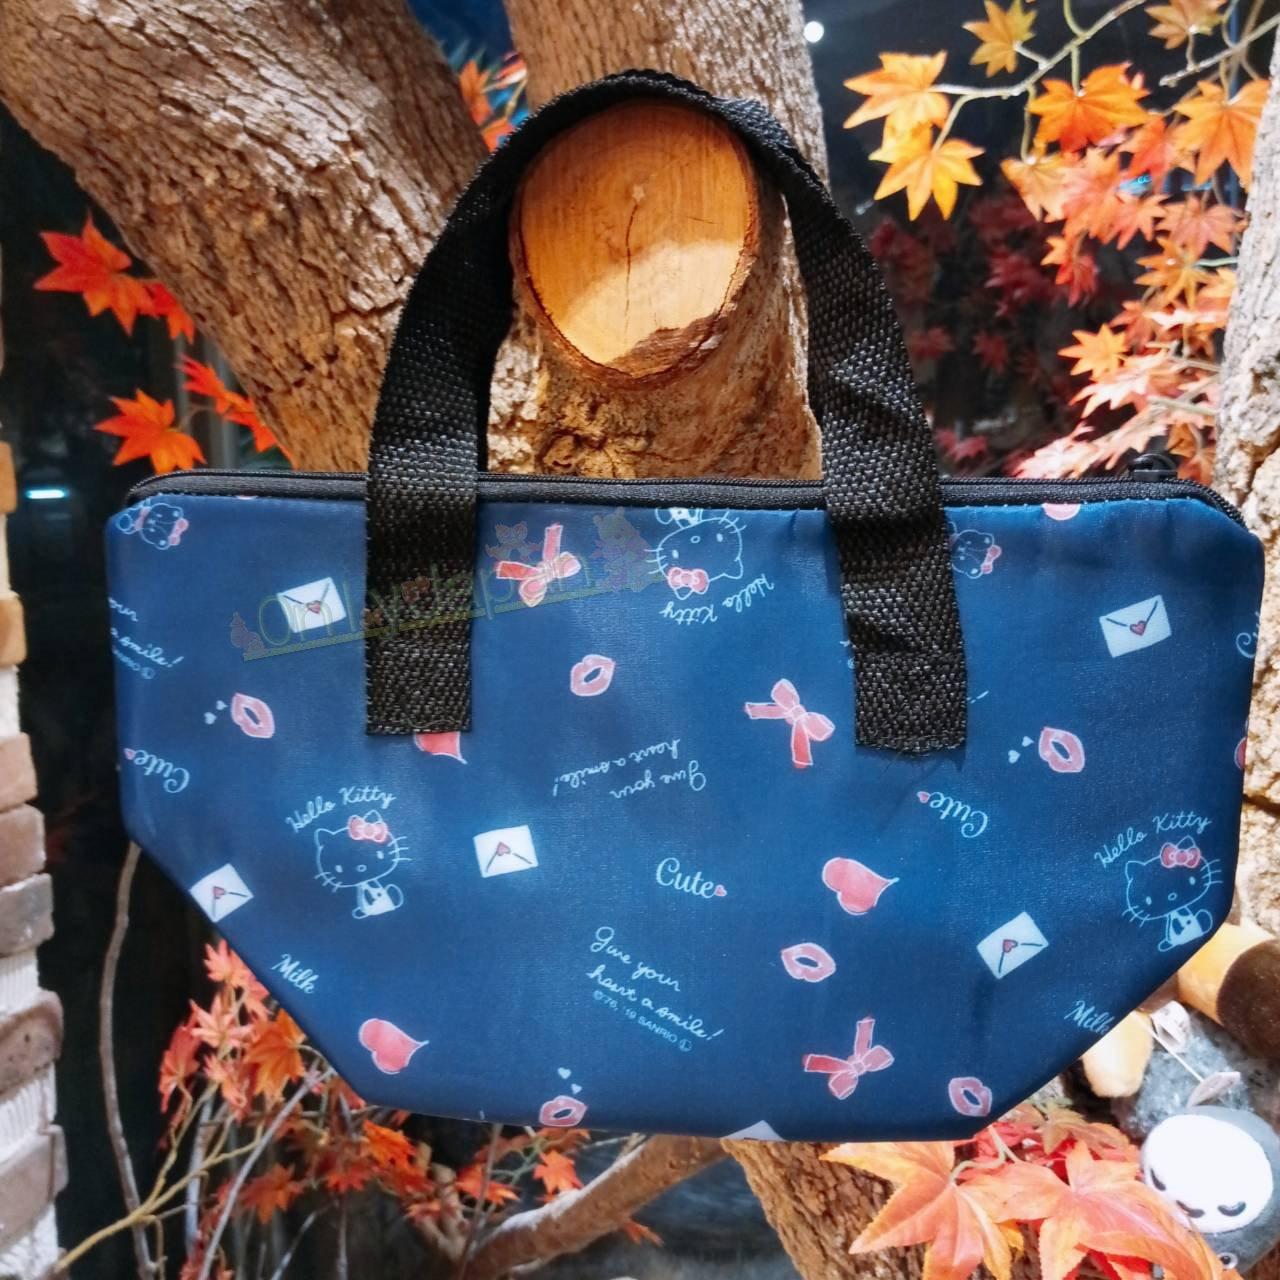 【真愛日本】凱蒂貓kitty 保溫袋 手提袋 保冷袋 保冷提袋 餐袋 便當袋 4573135582865 保冷保溫便當袋-KT情書藍